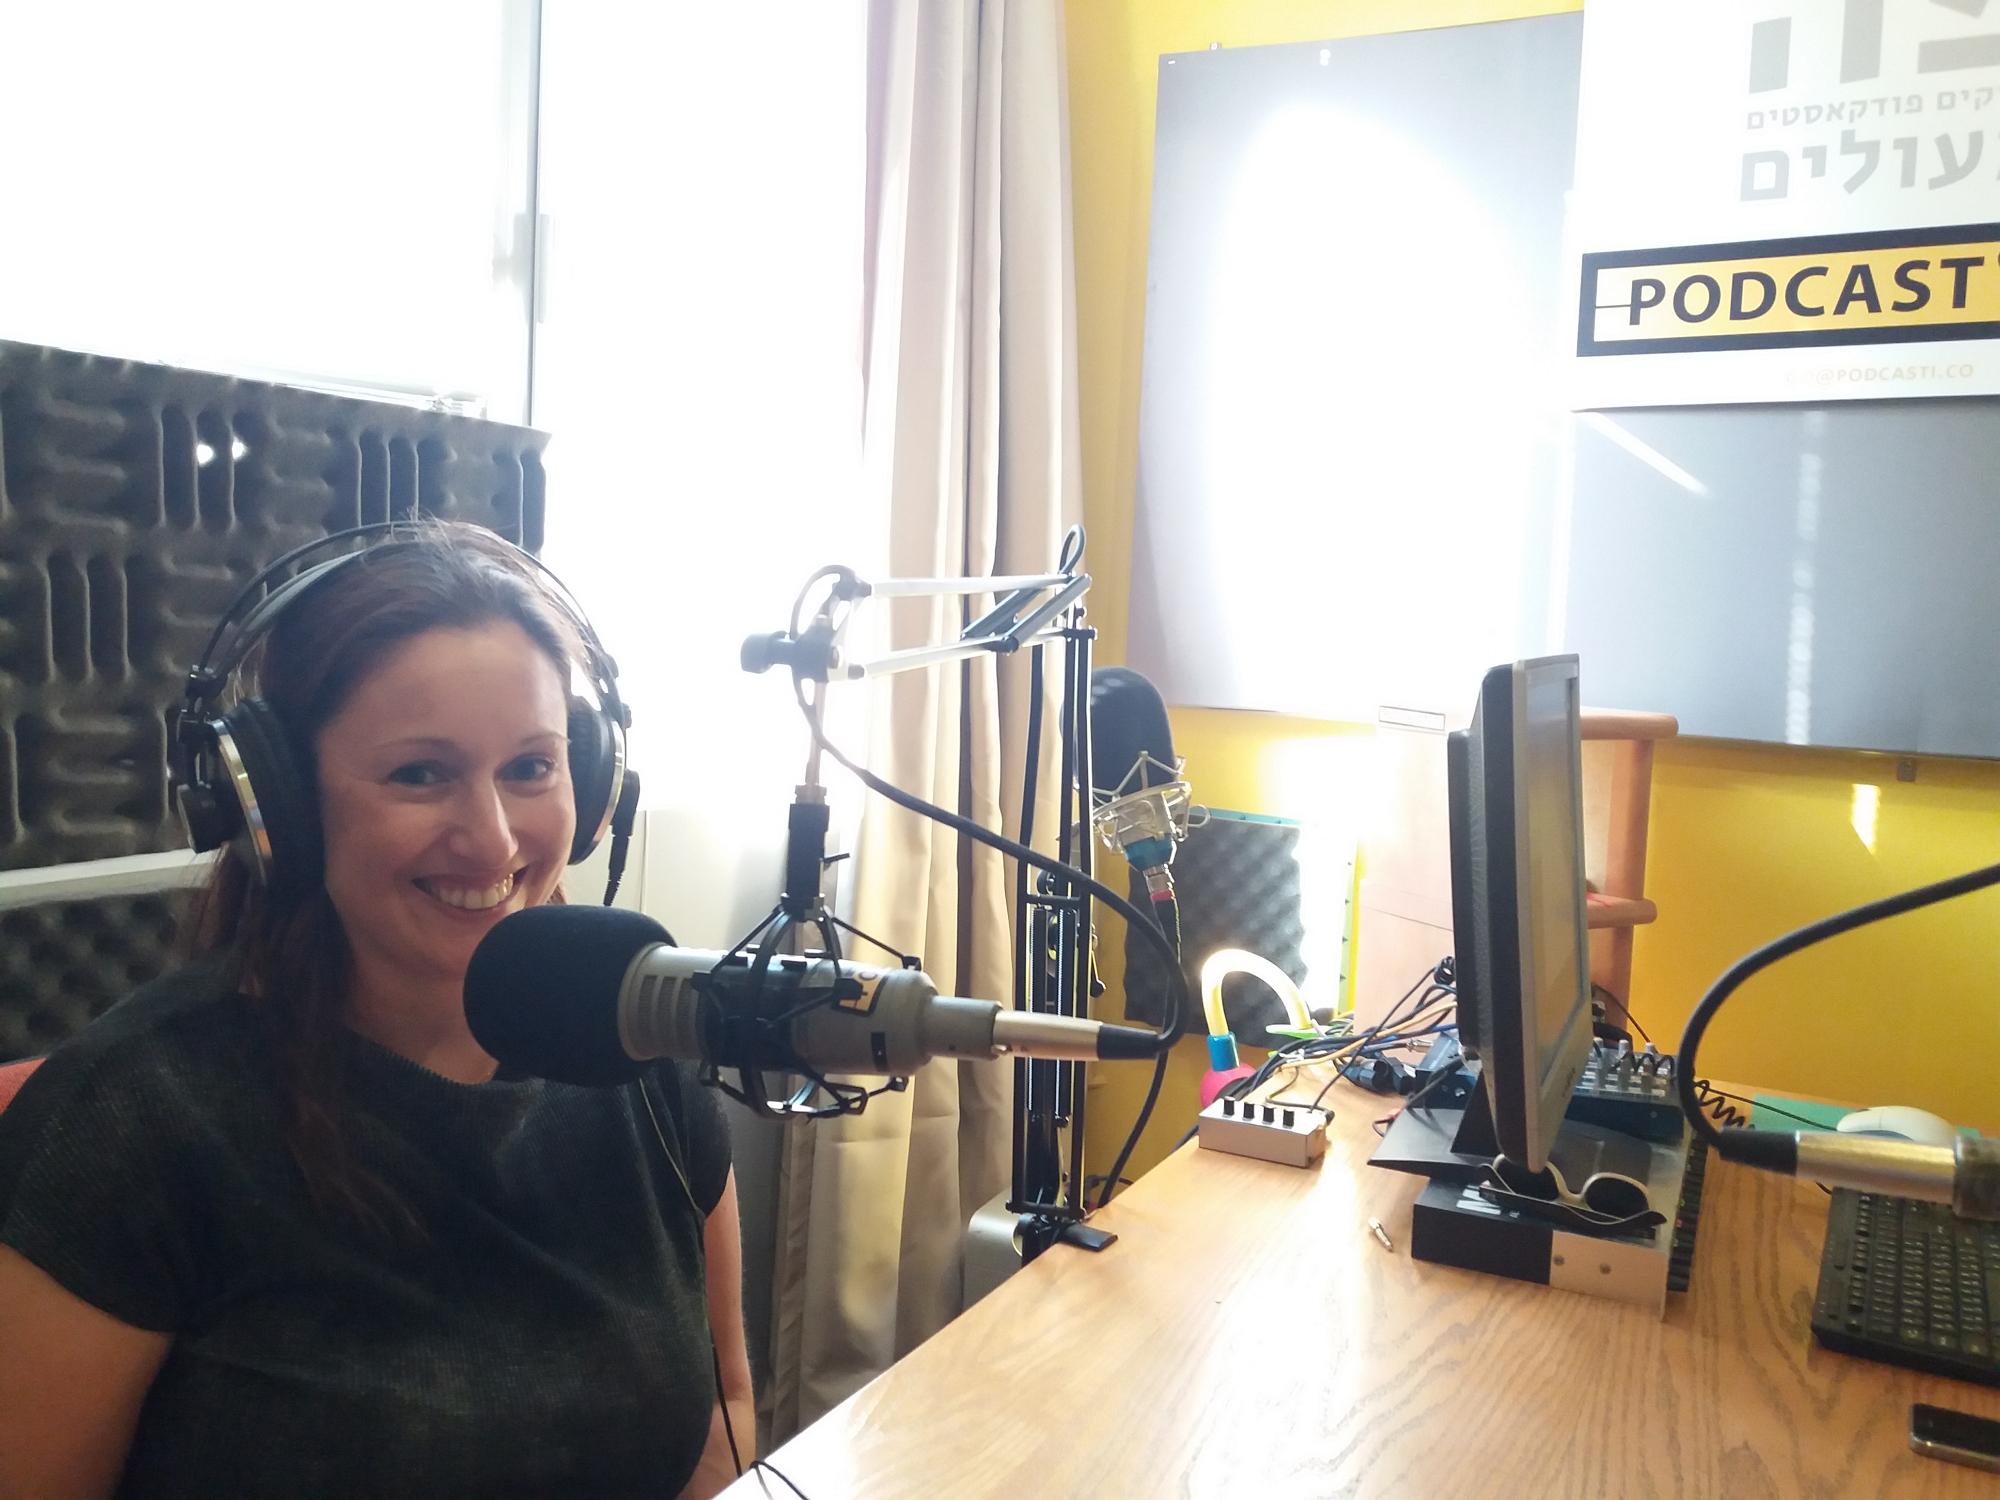 טל קלנר מפייסבוק ישראל באולפן Podcasti.co 📸 עידו קינן